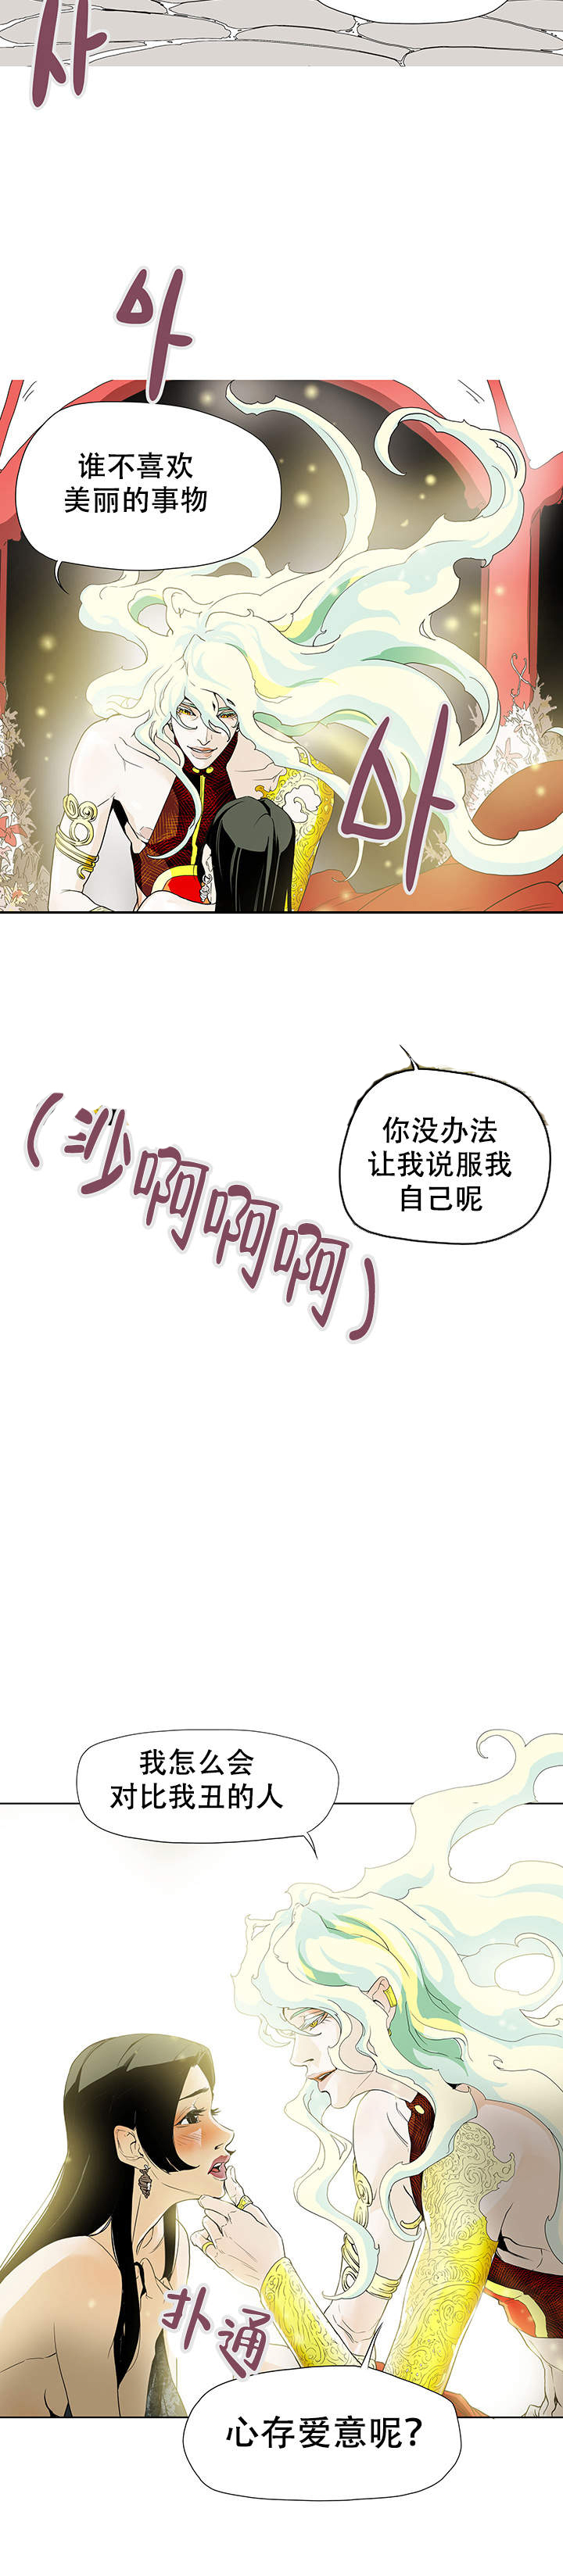 爱自己-免费漫画完整版汉化_最新连载首发-啵乐漫画